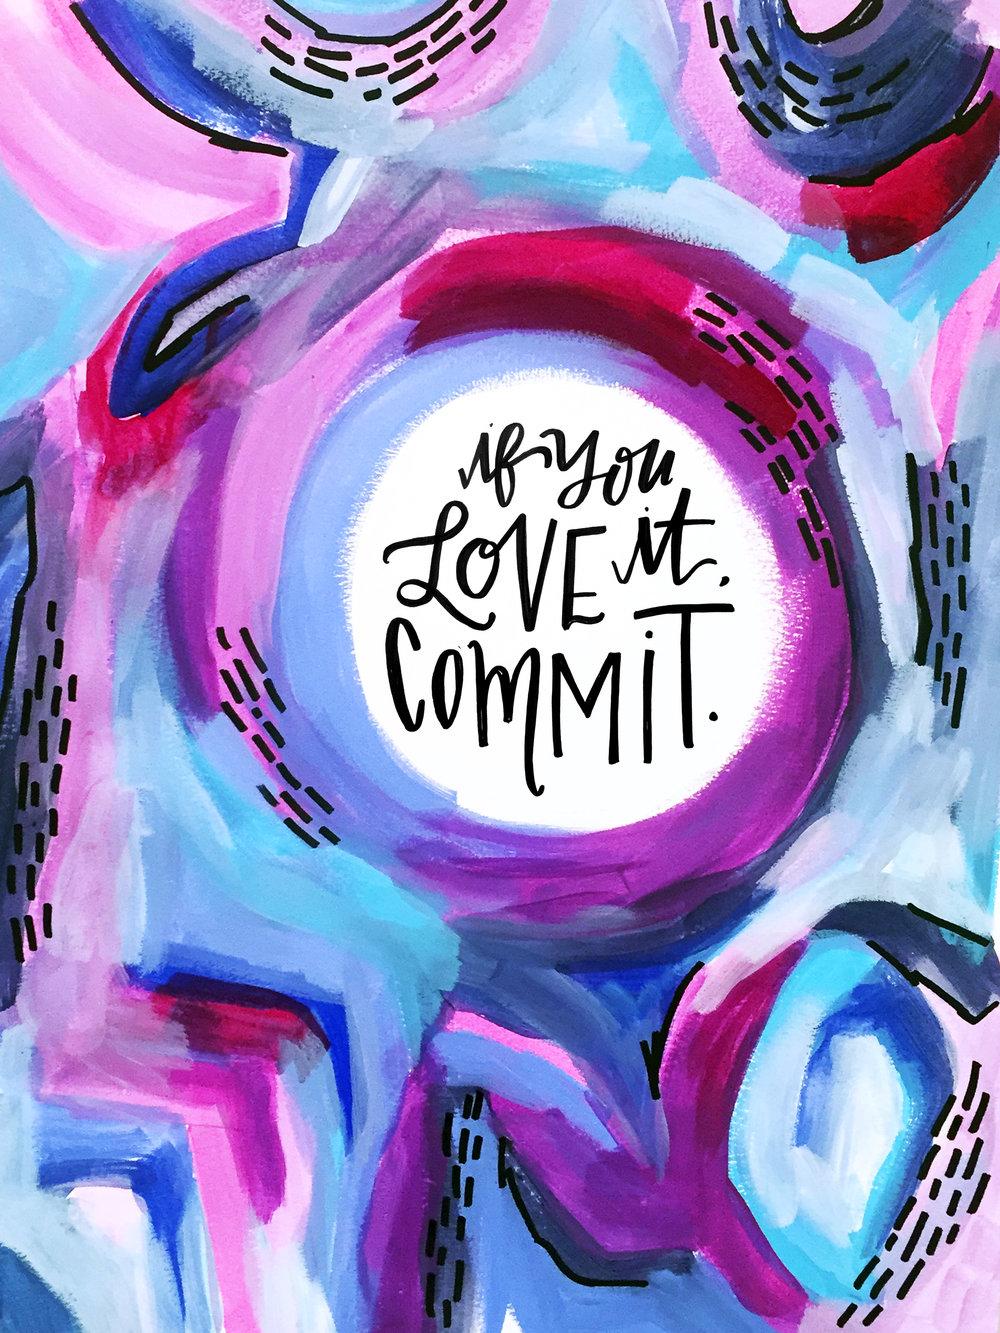 2/12/16: Commit